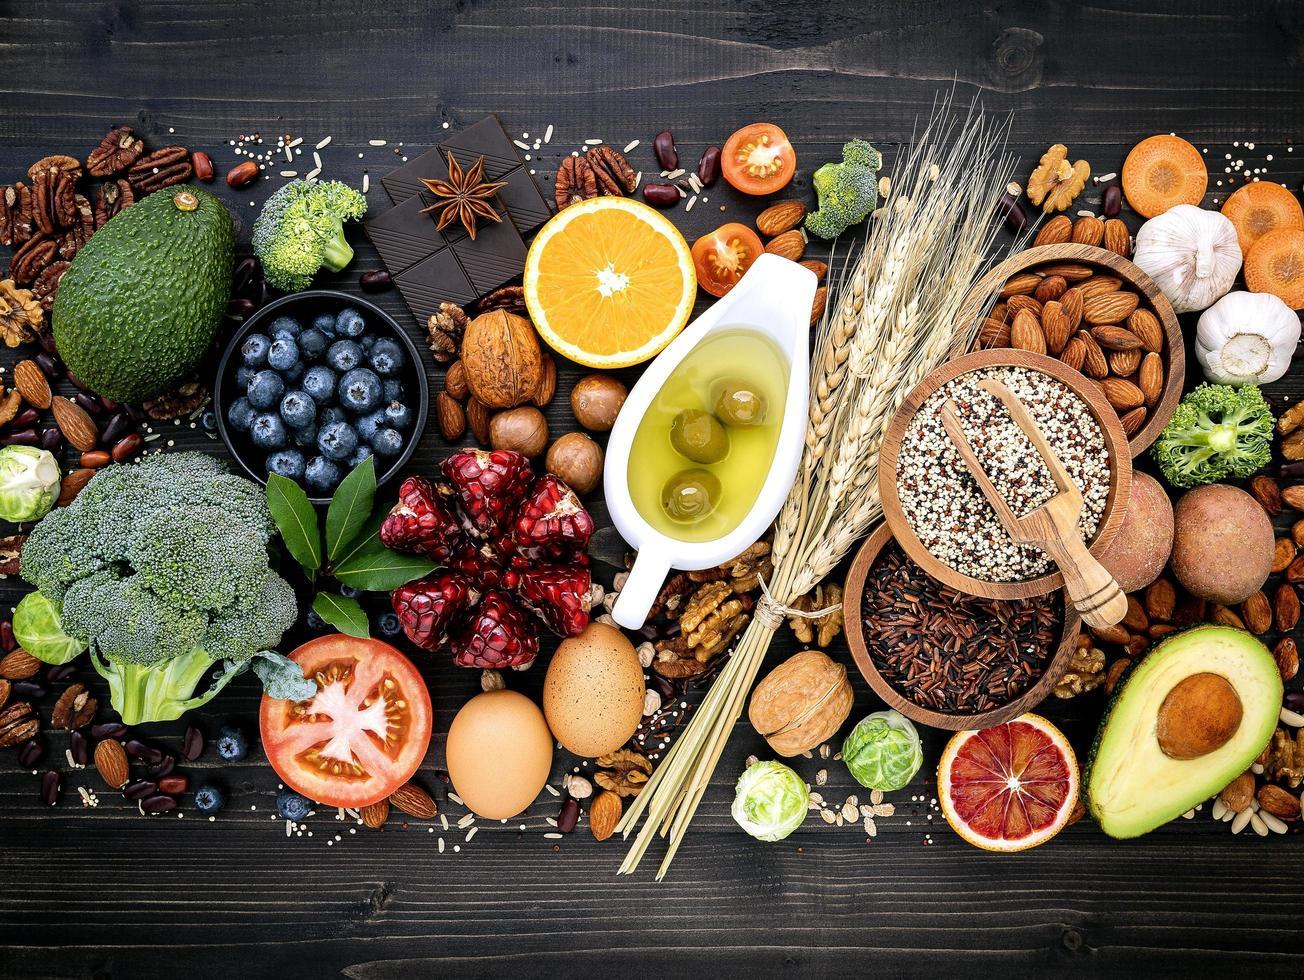 Healthy ingredients on a dark wooden background photo